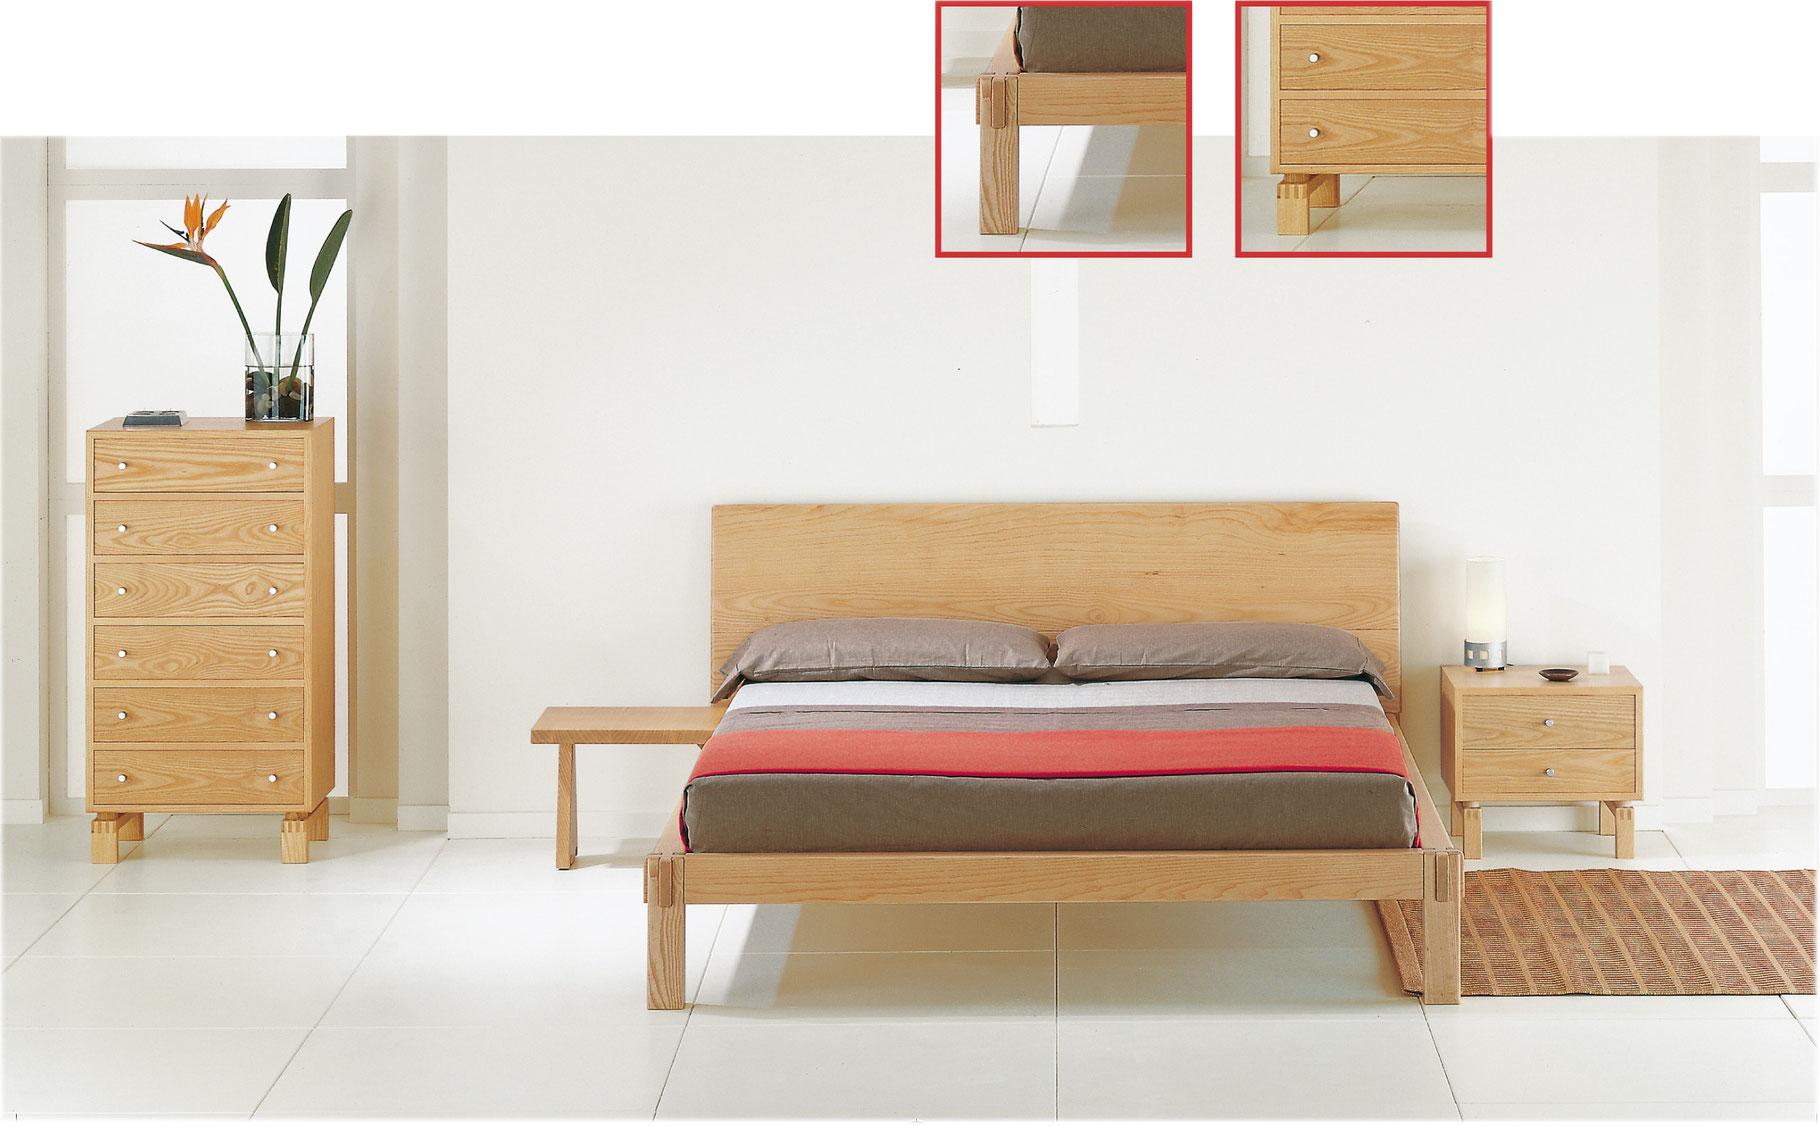 Cama uxoa futones colchones camas tatamis y convertibles for Futon cama 1 plaza